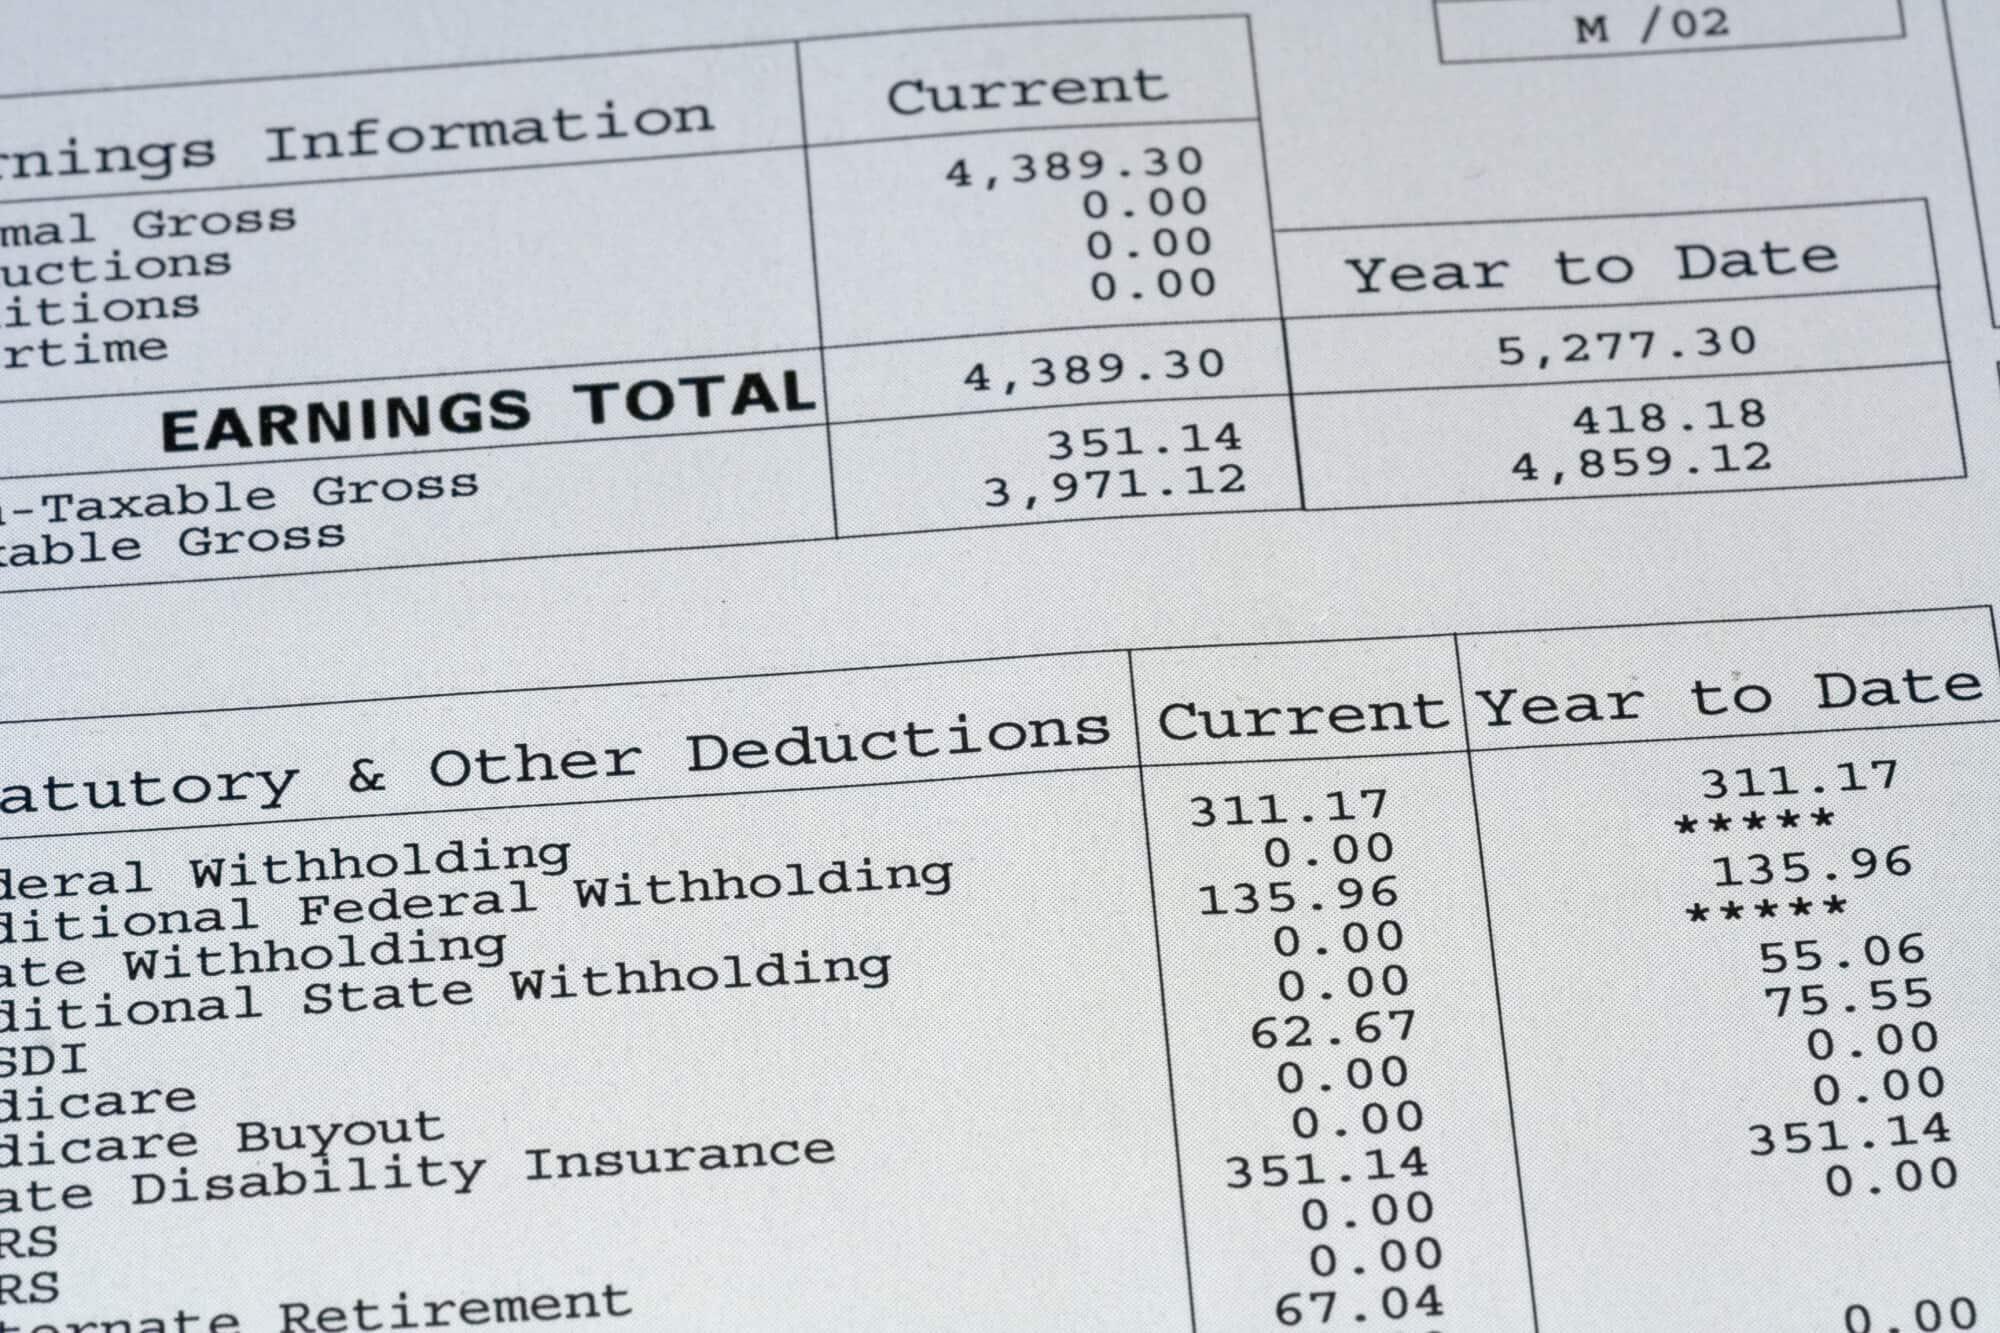 tax classification